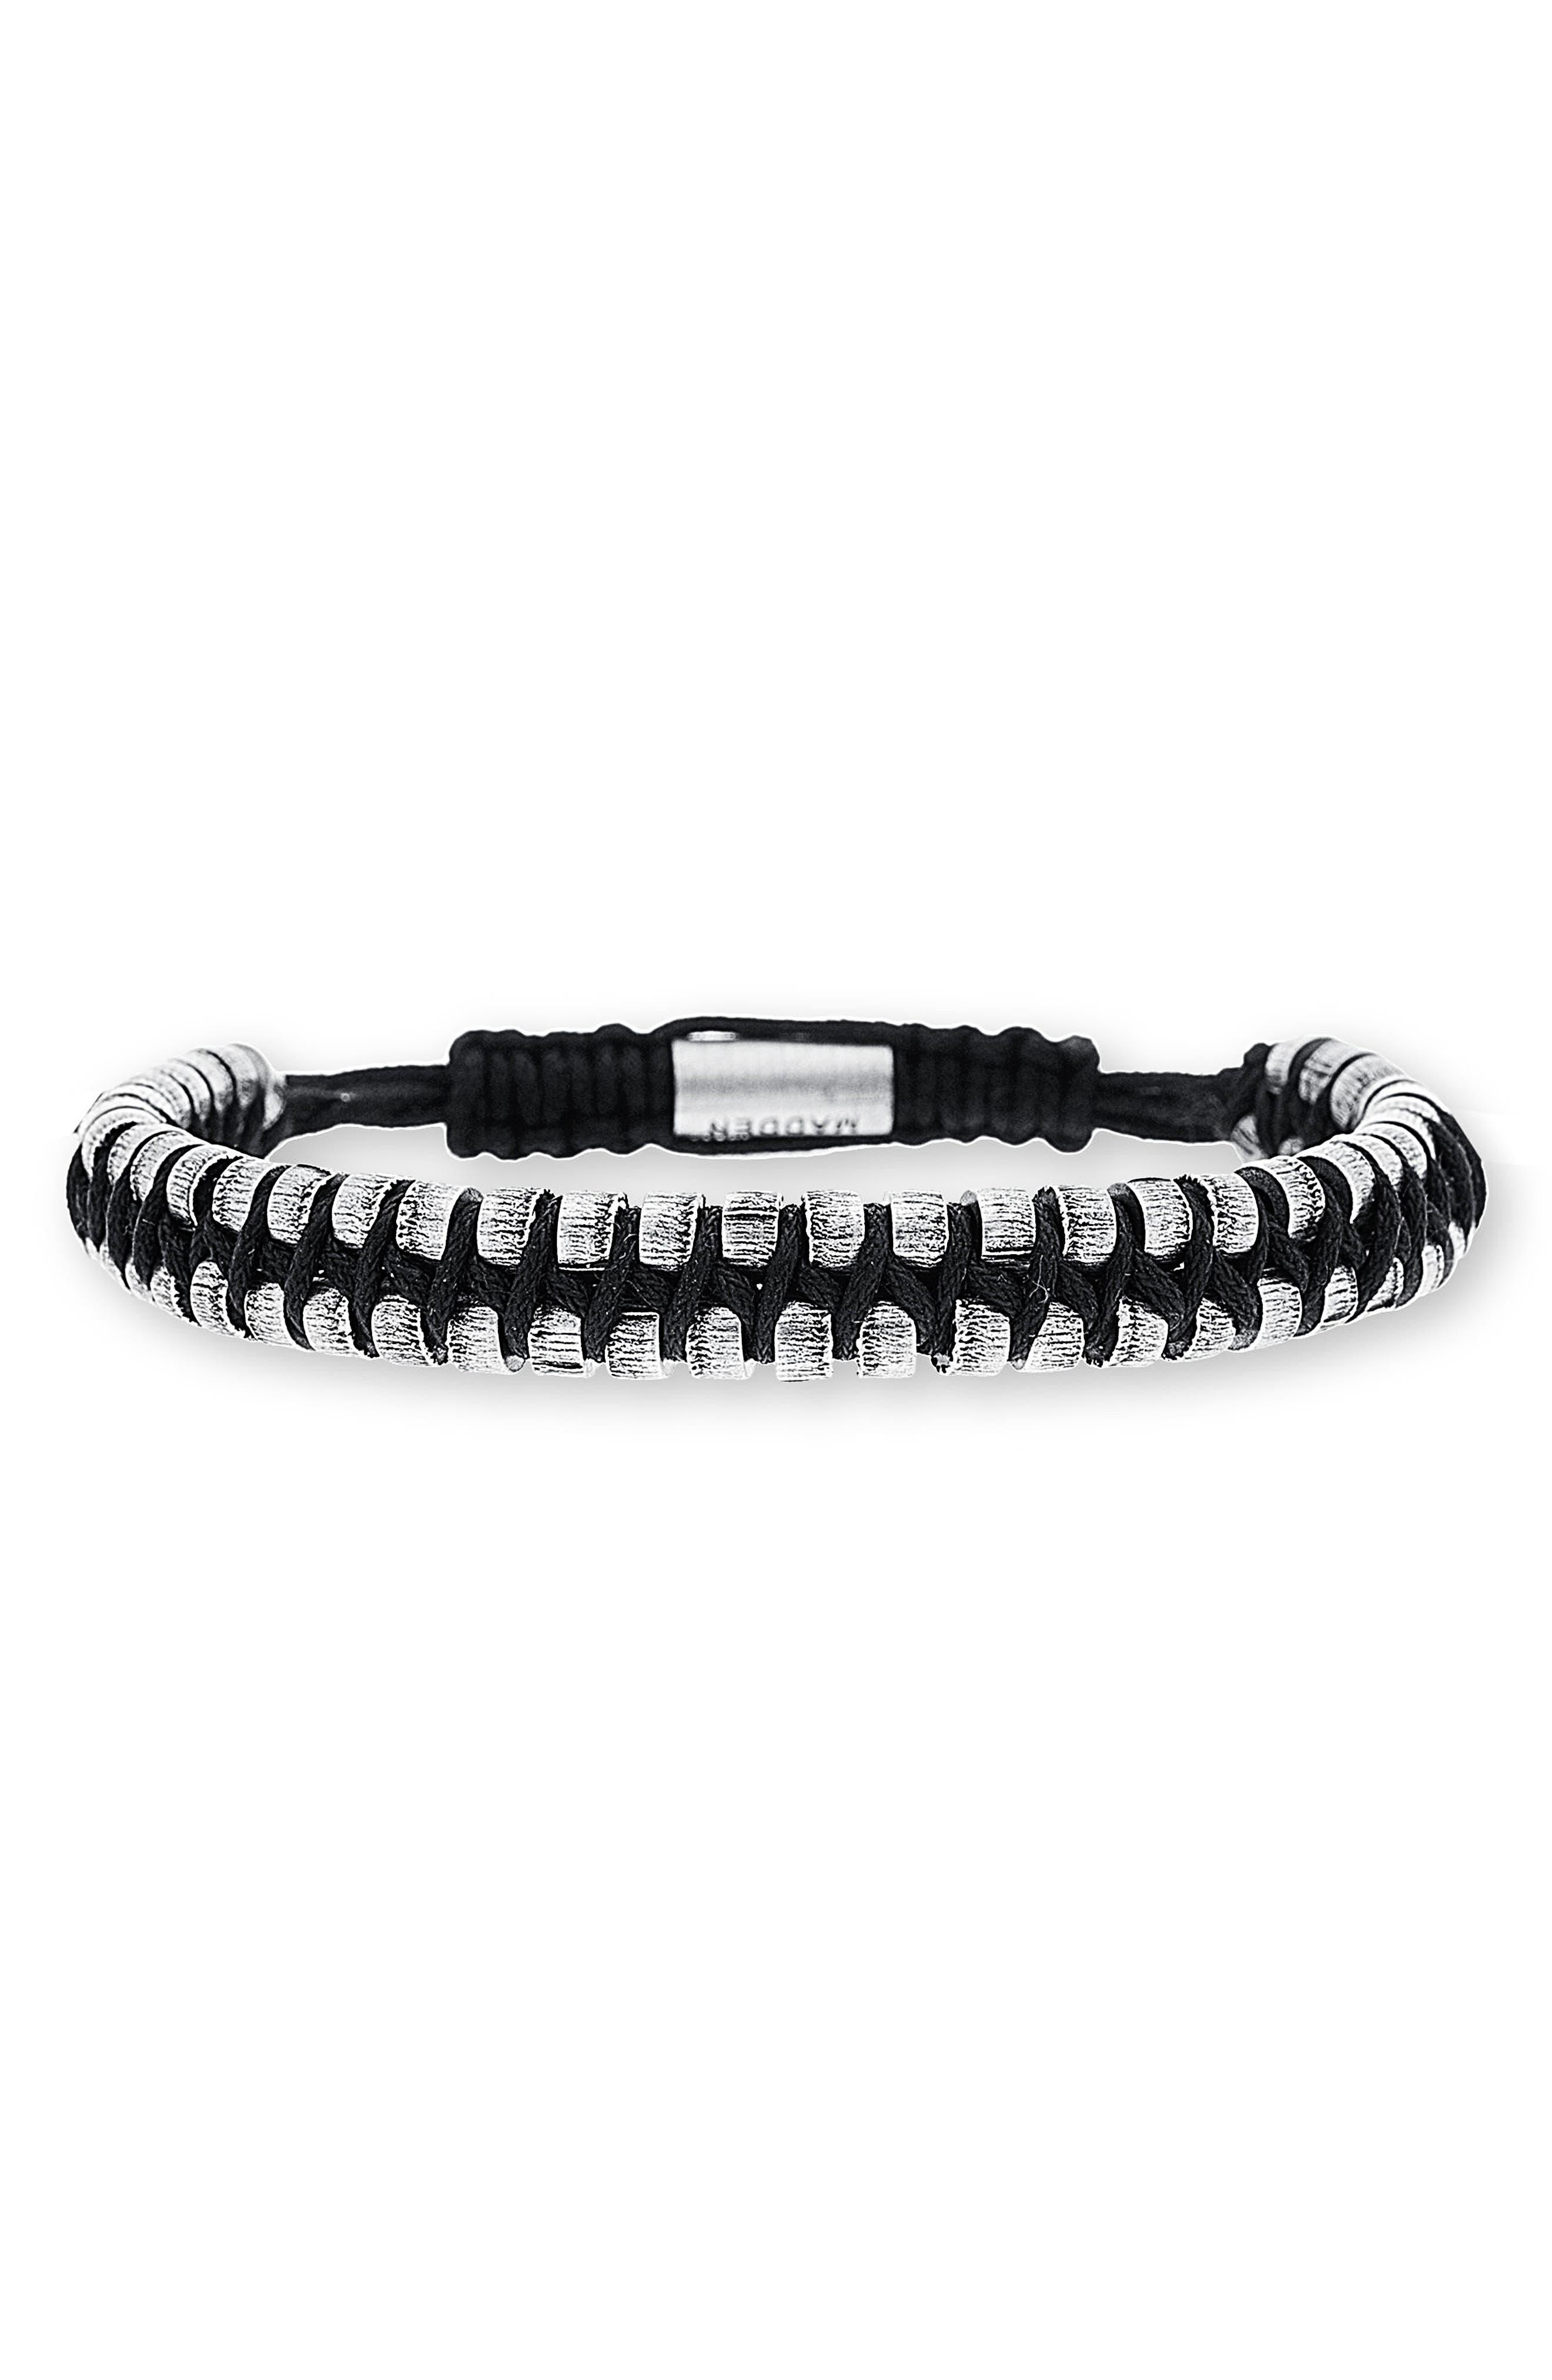 Steve Madden 'Rondelle' Cord Bracelet